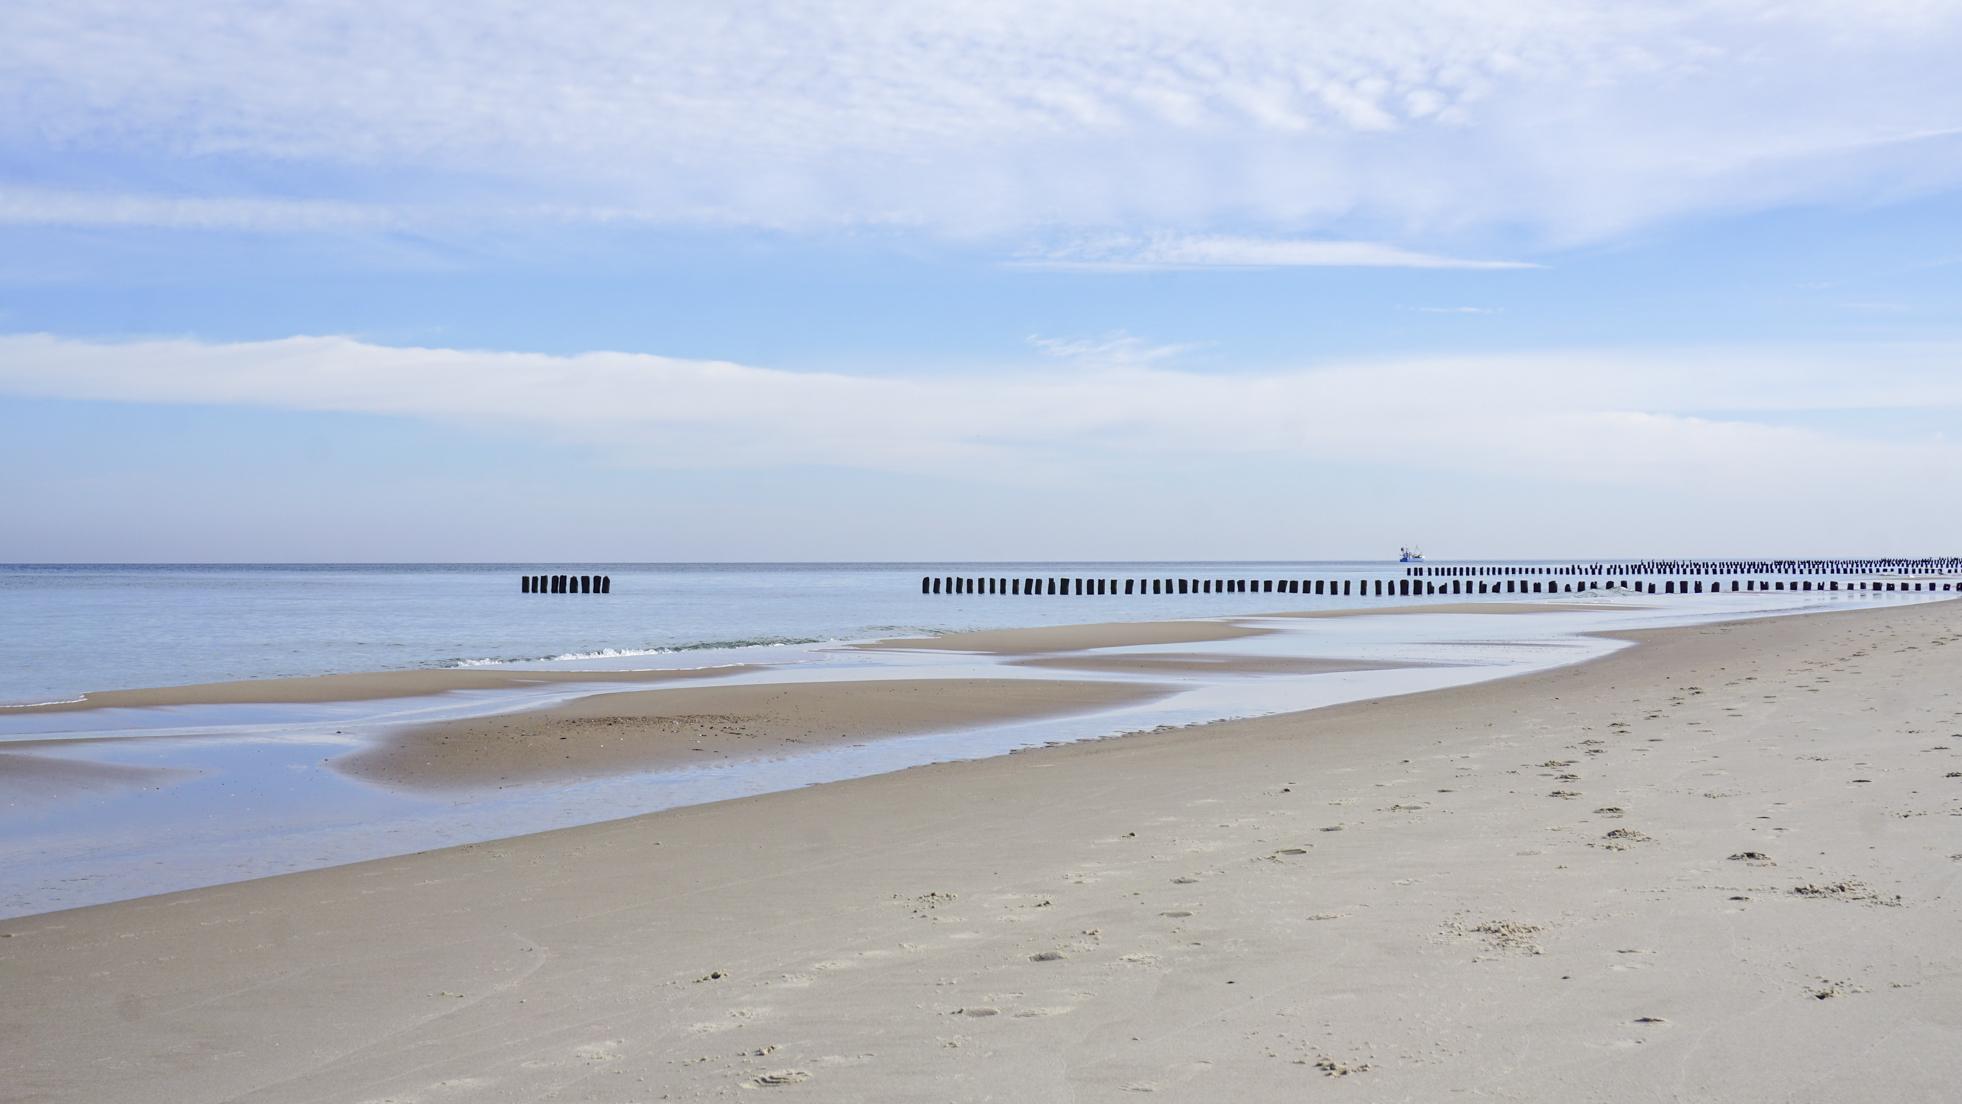 Puste plaże, wiatr w żaglach – kocham Bałtyk poza sezonem